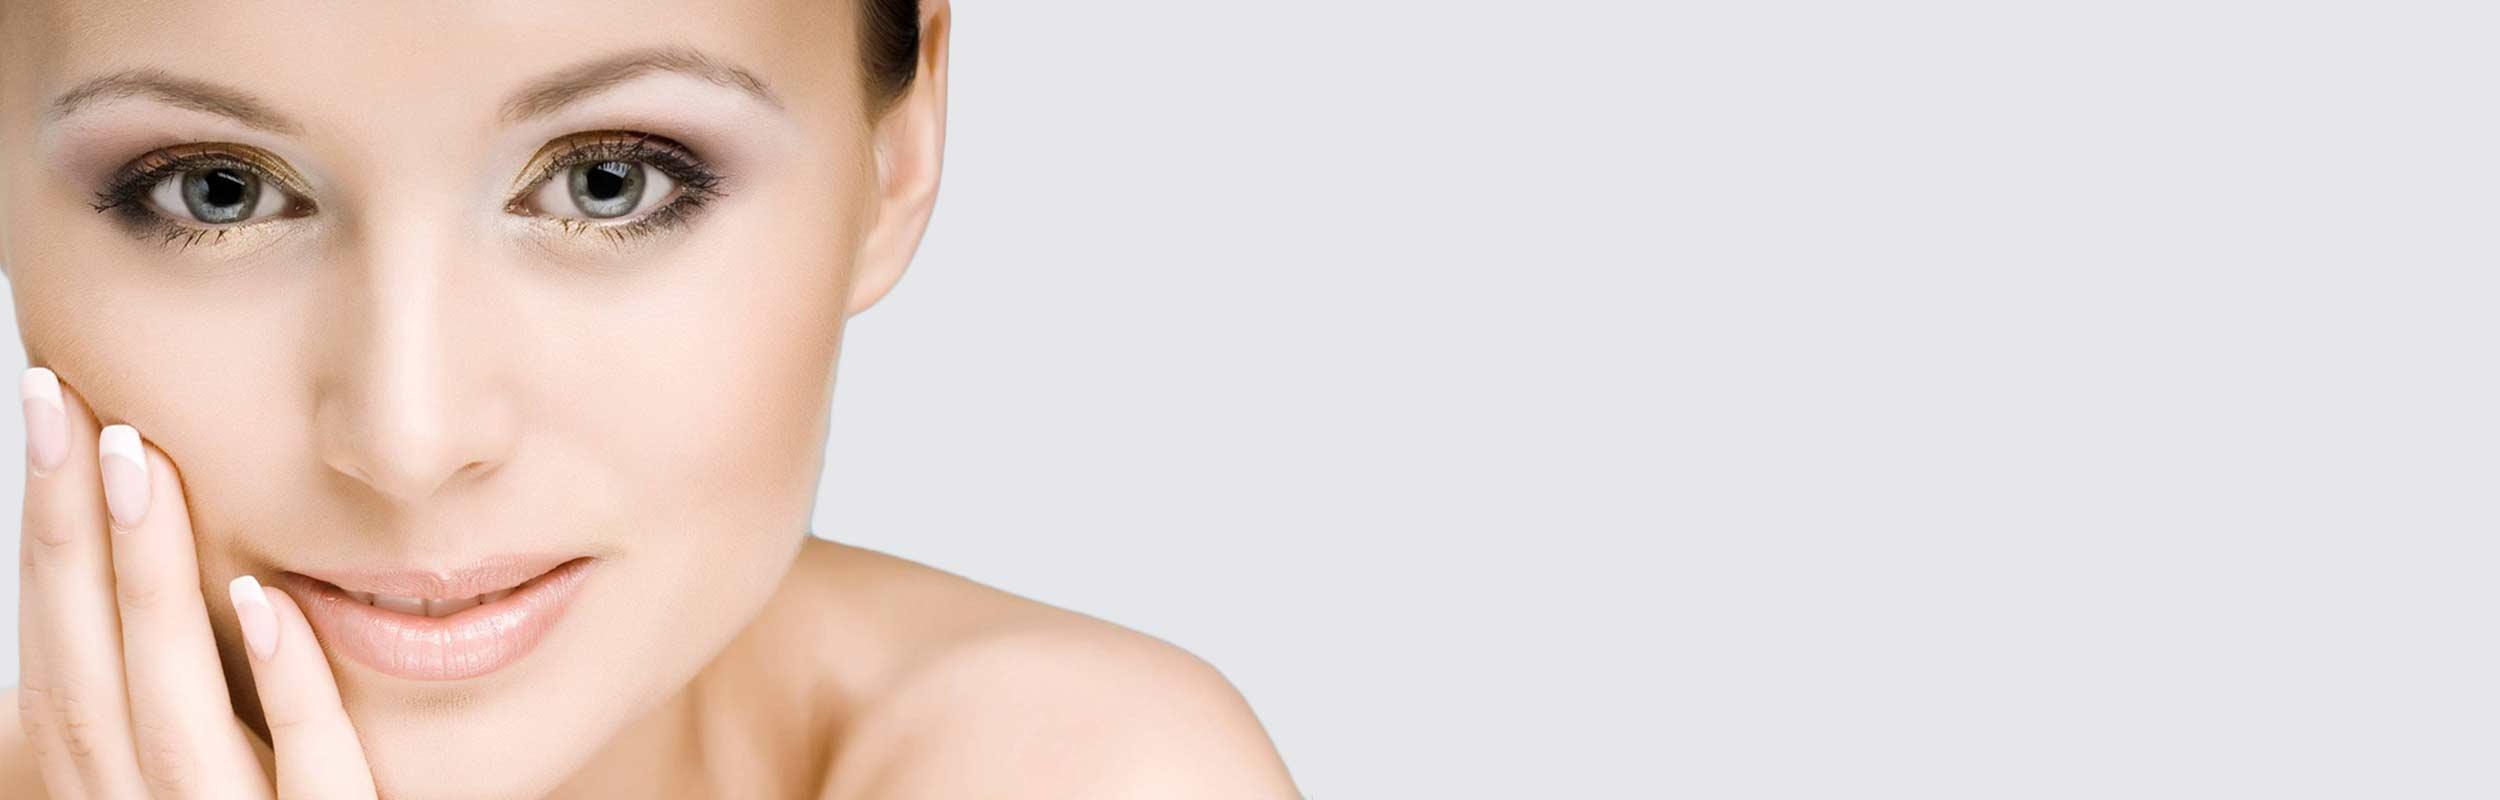 Qualité de la peau Rouen Dr Pellerin